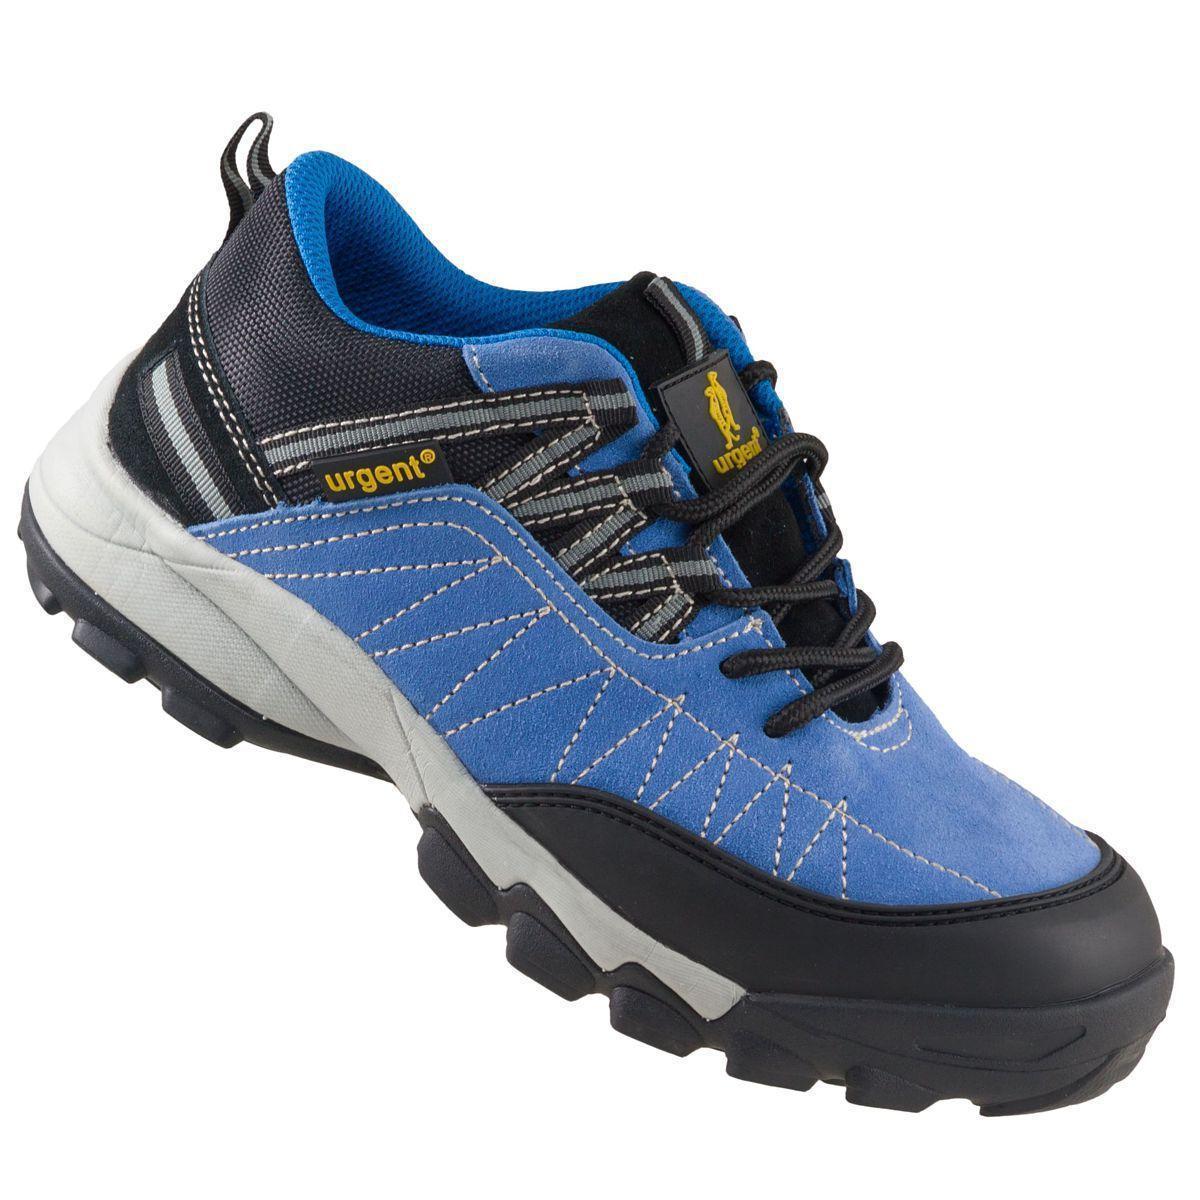 Кроссовки 233 S1 защитые с металлическим носком, черно-синего цвета.  URGENT (POLAND)